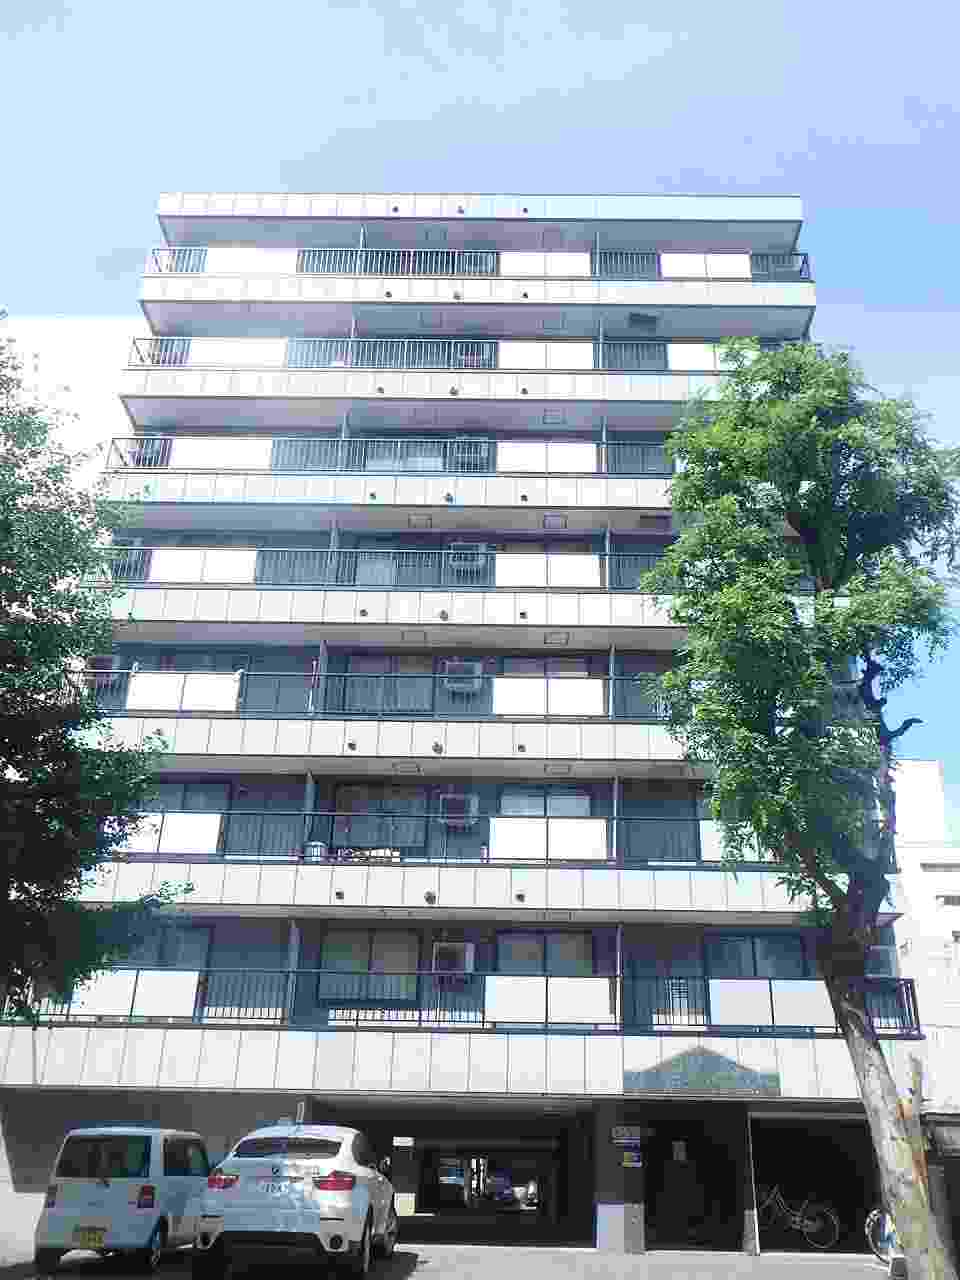 北海道札幌市中央区、すすきの駅徒歩9分の築15年 8階建の賃貸マンション